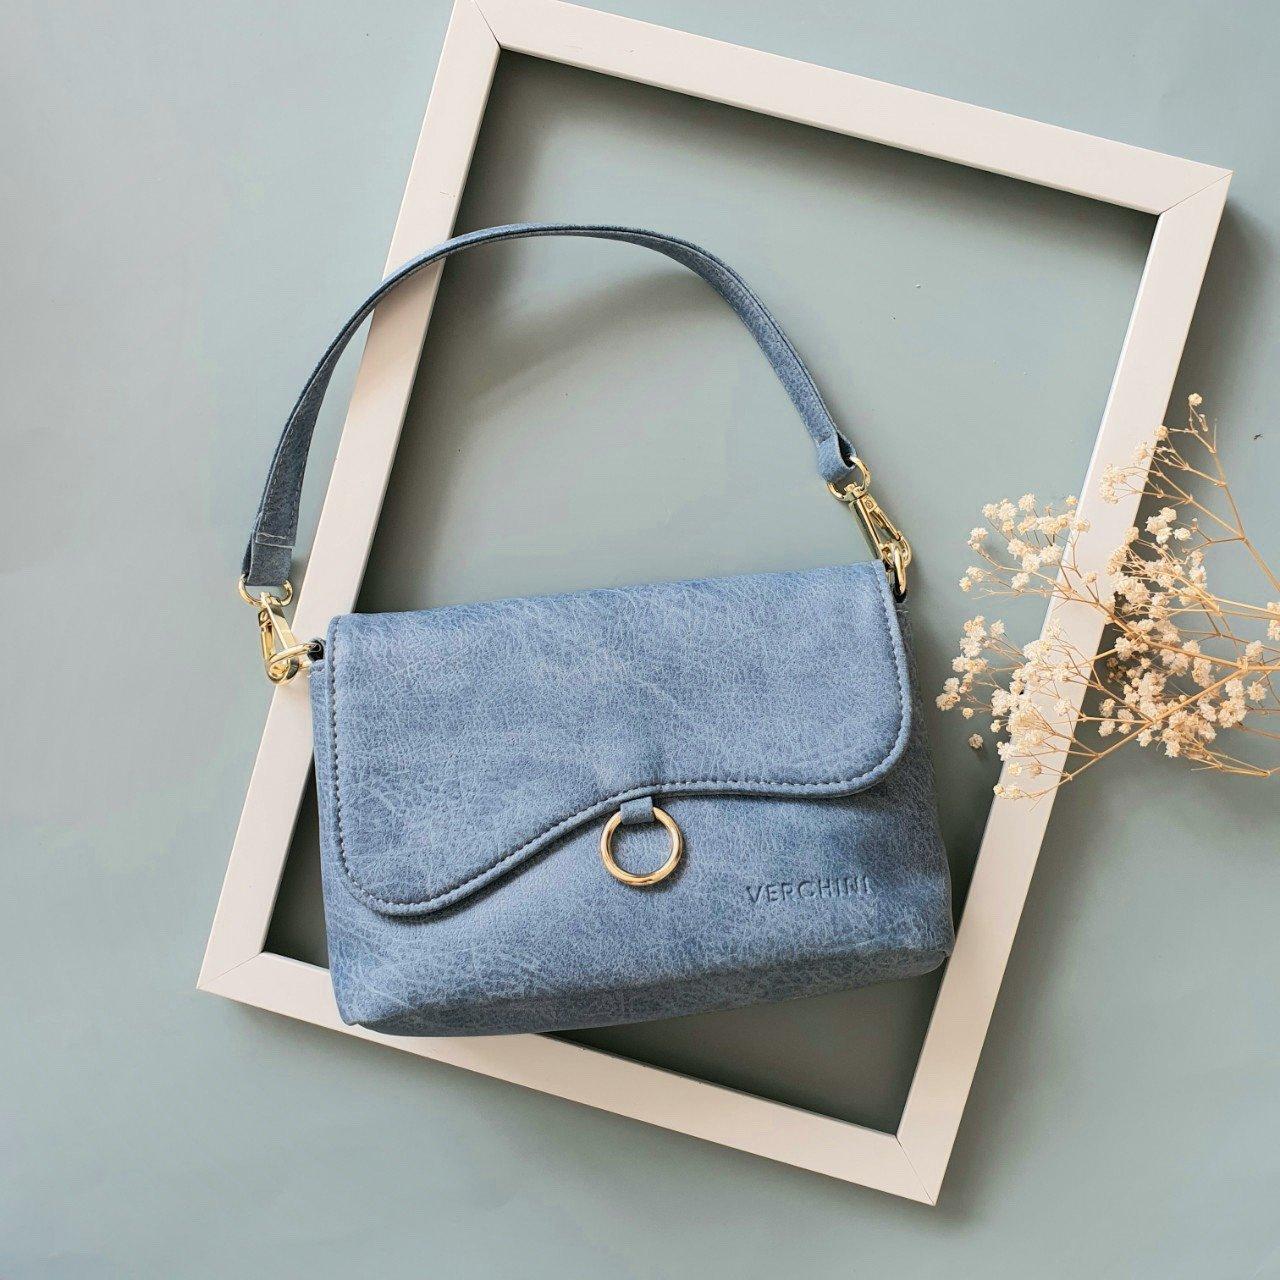 Túi xách thời trang Verchini nắp lượn phối khoen